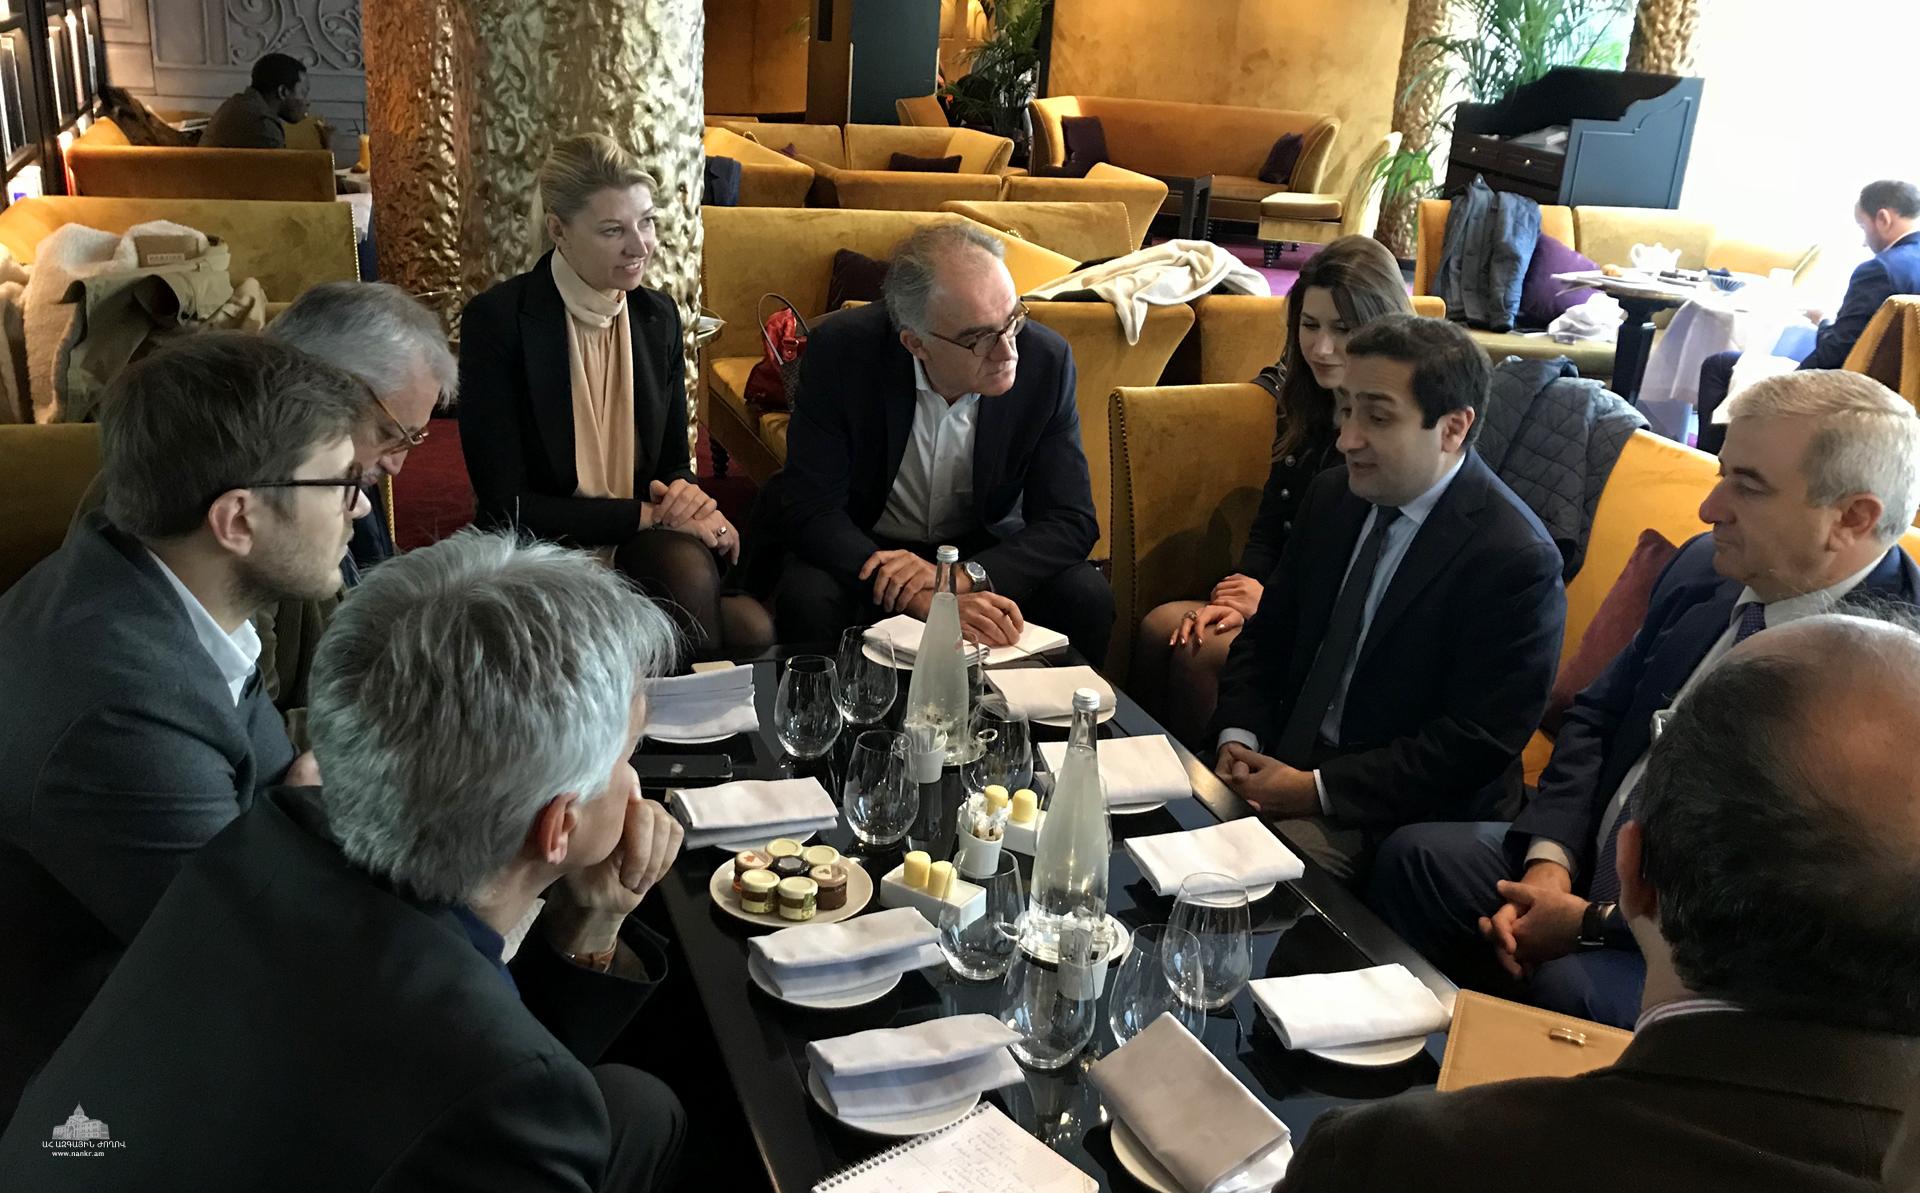 Աշխատանքային այցով Փարիզում գտնվող Արցախի ԱԺ նախագահը հանդիպել է ֆրանսիացի լրագրողների հետ